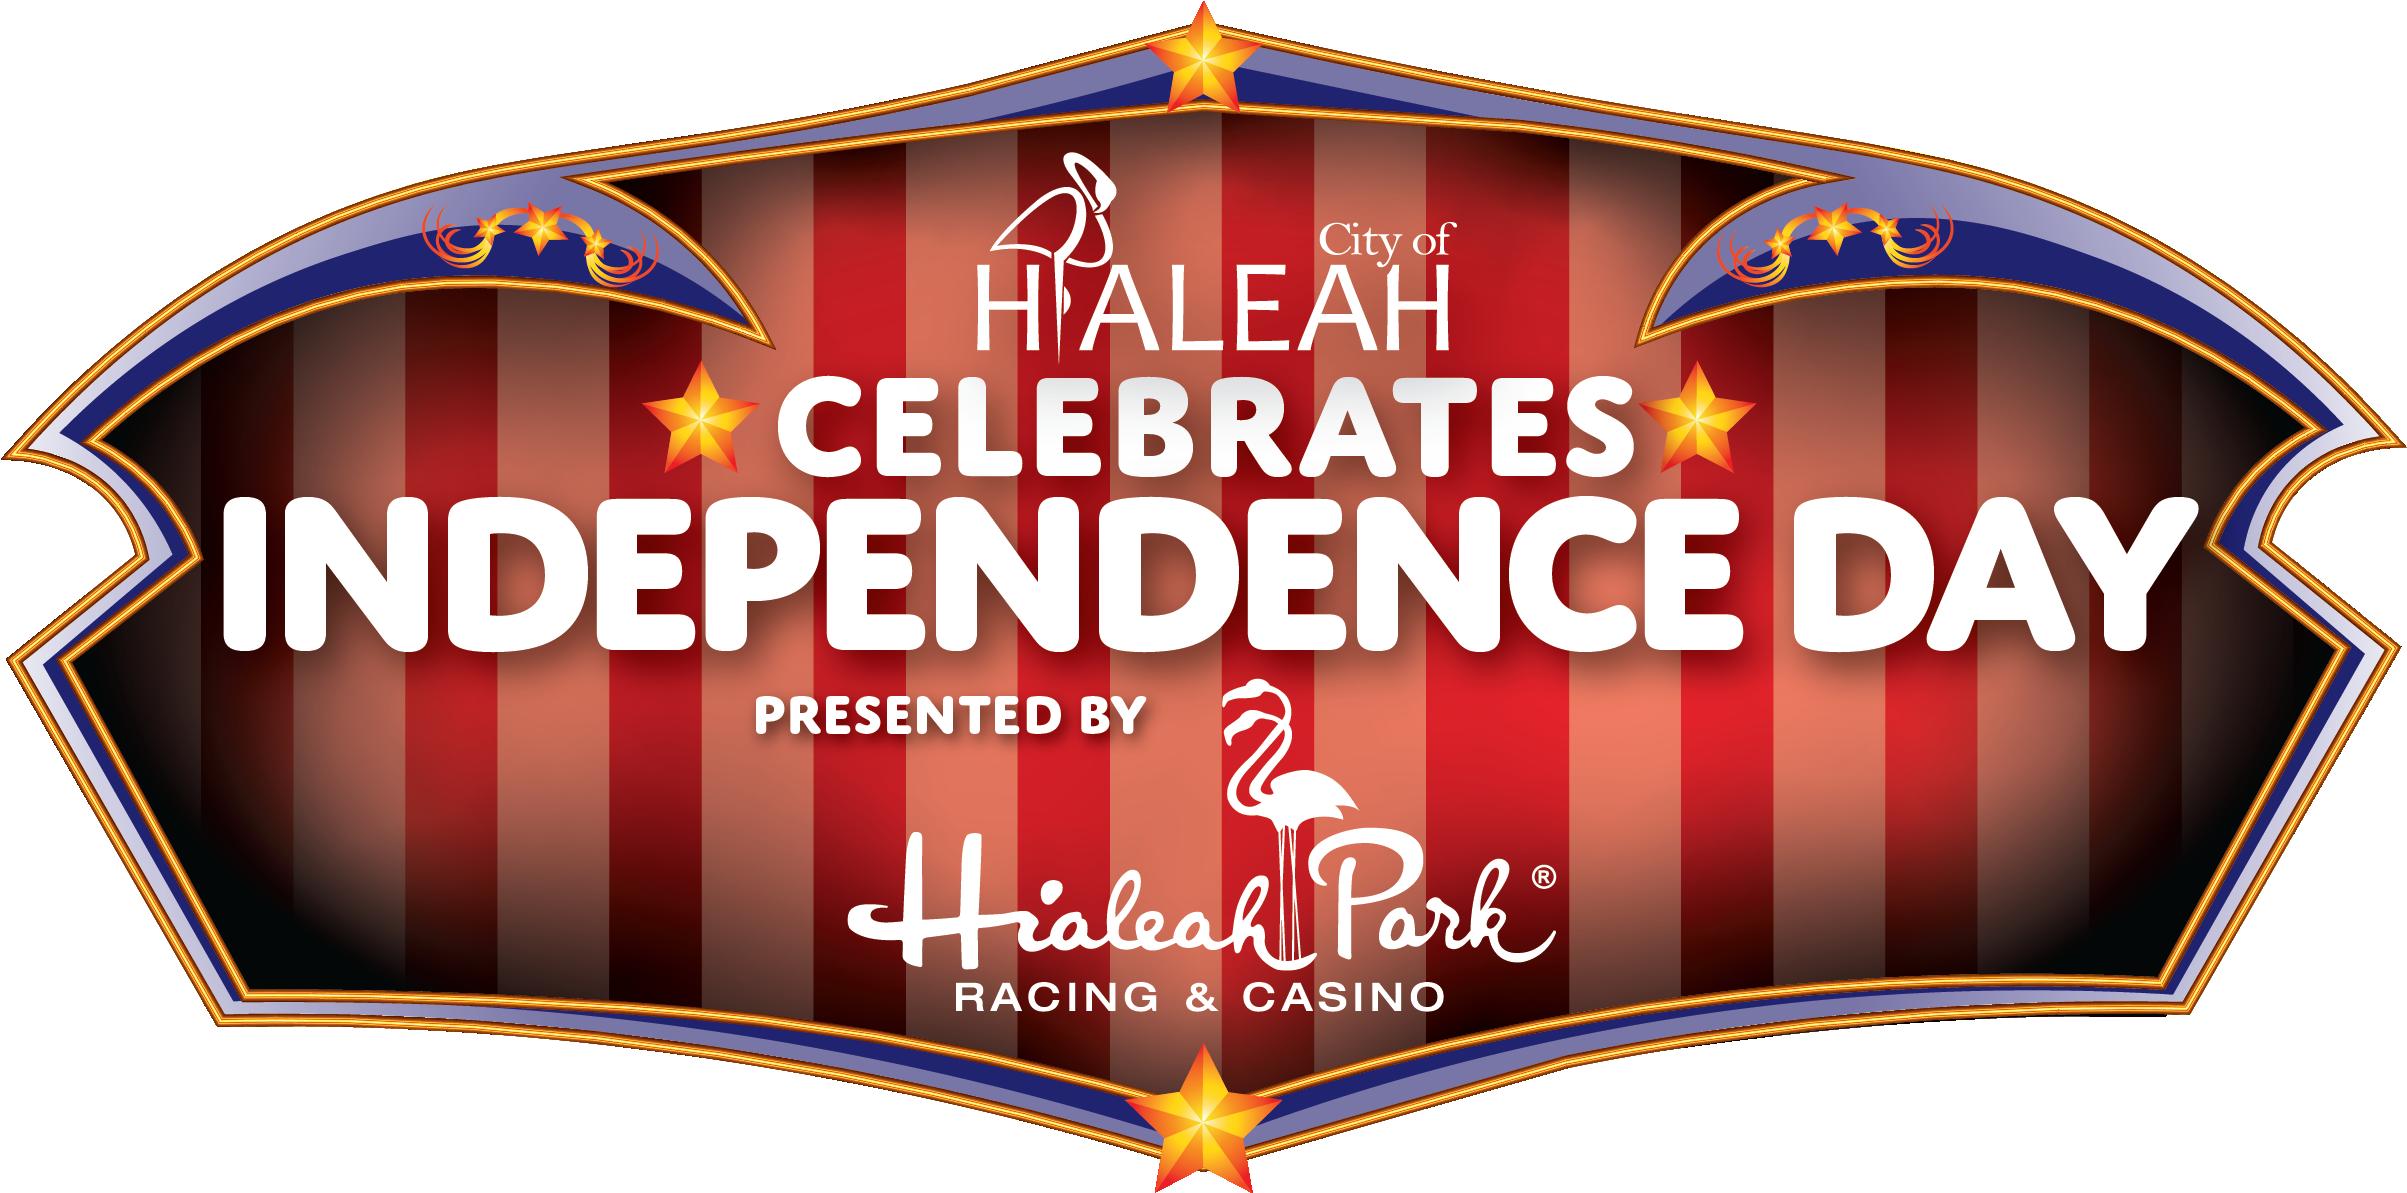 Hialeah concert production